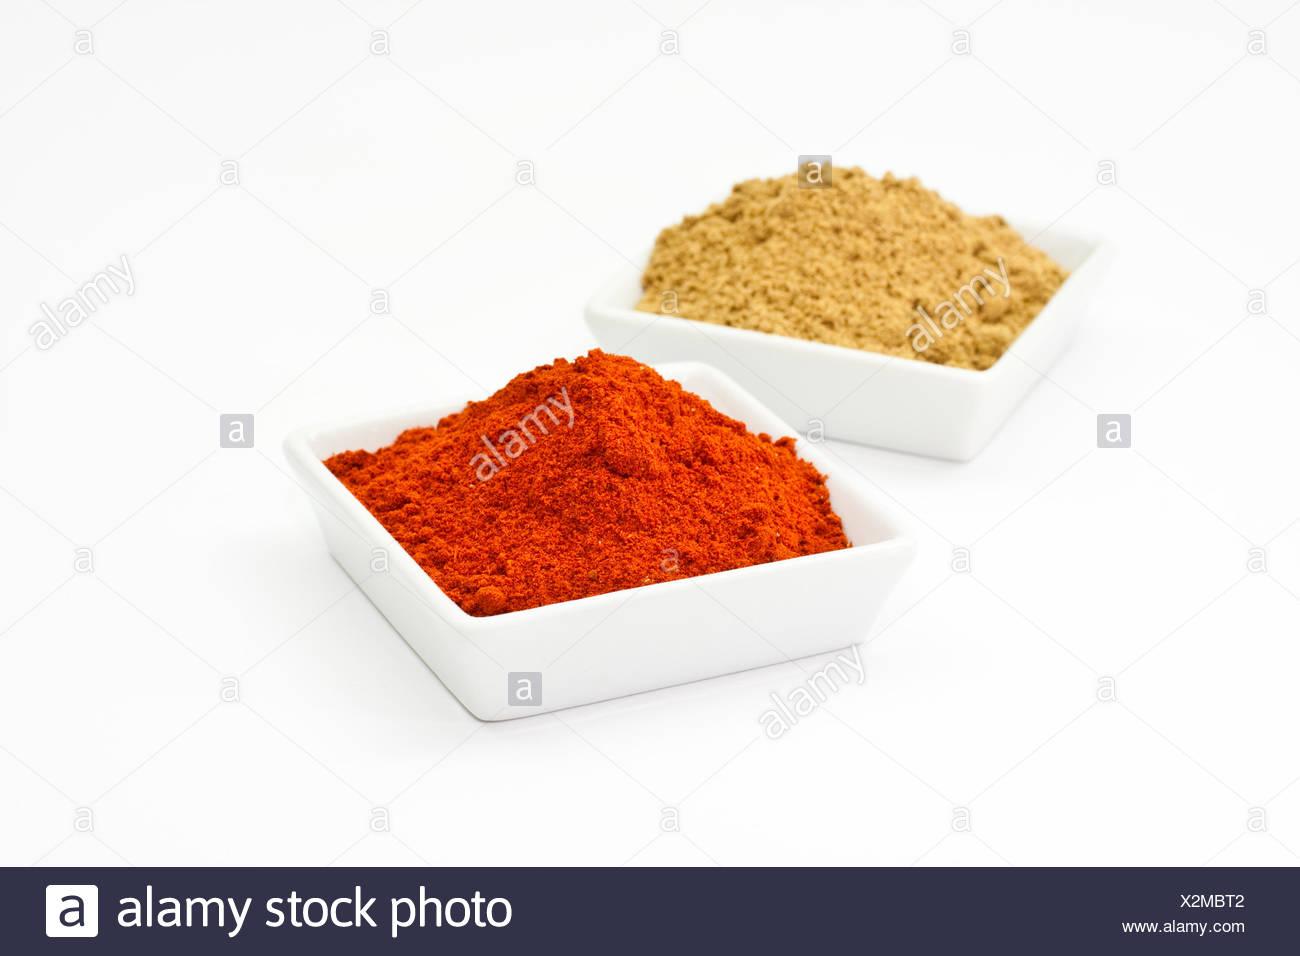 Chilipulver und Korianderpulver, chili powder and coriander powder - Stock Image